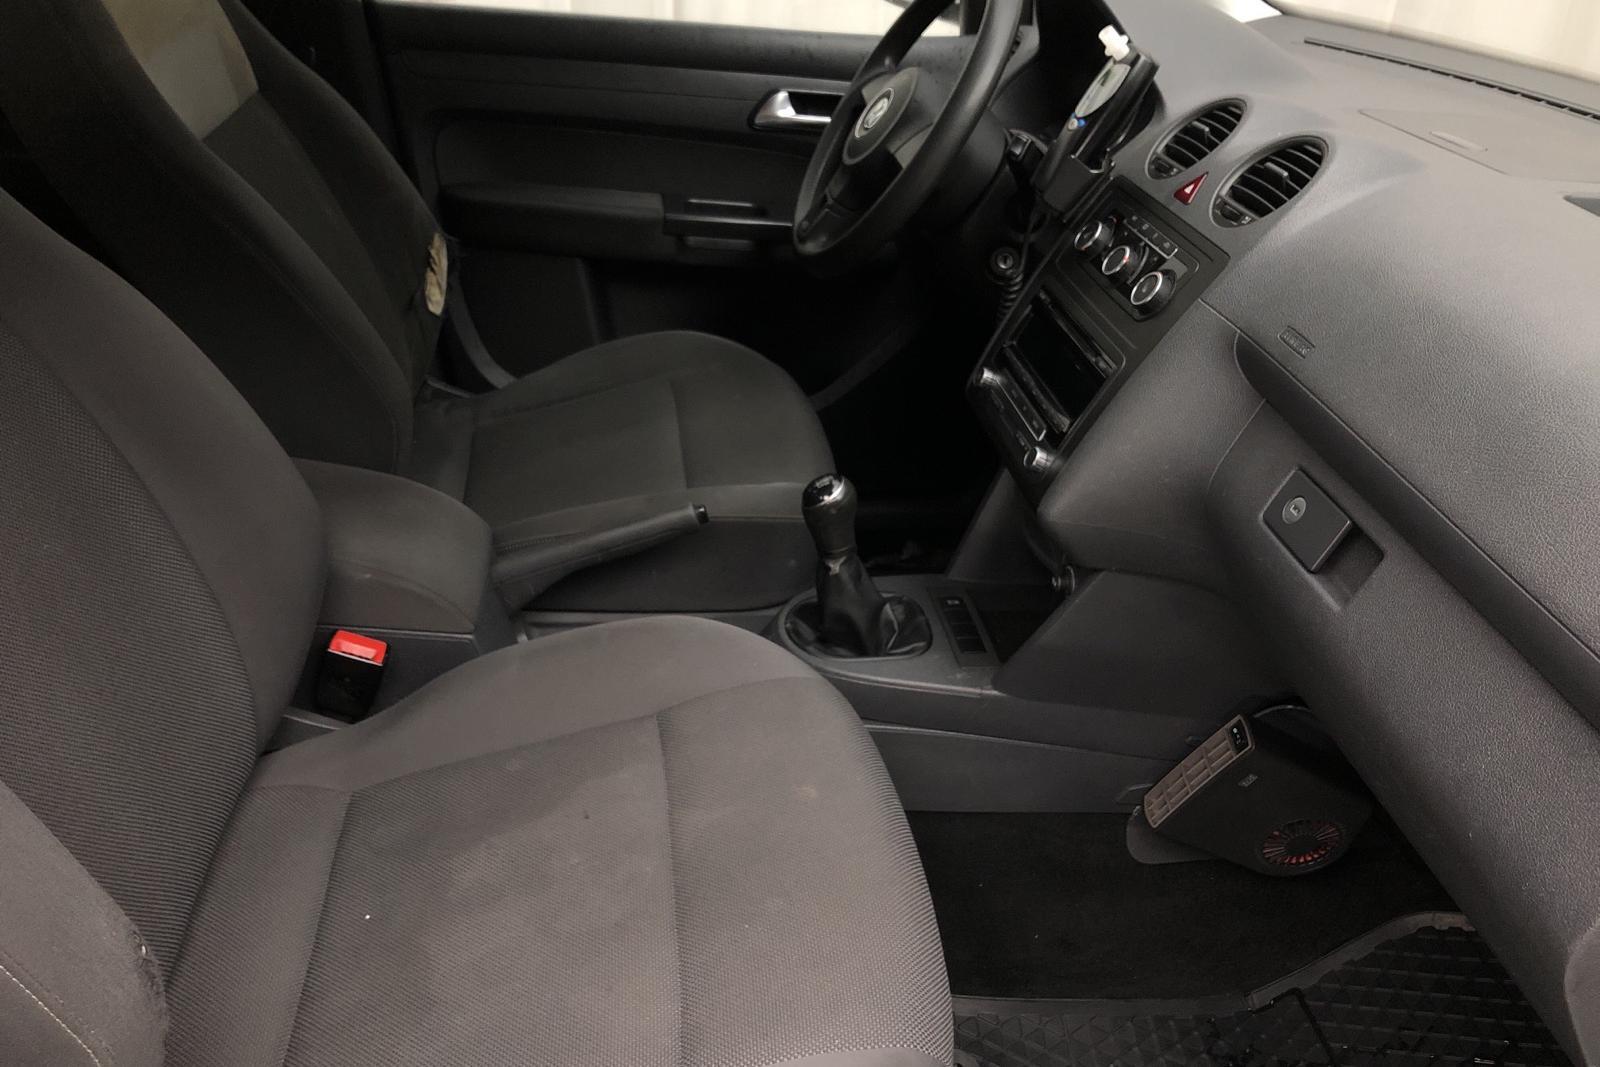 VW Caddy MPV Maxi 1.6 TDI (102hk) - 19 005 mil - Manuell - vit - 2013